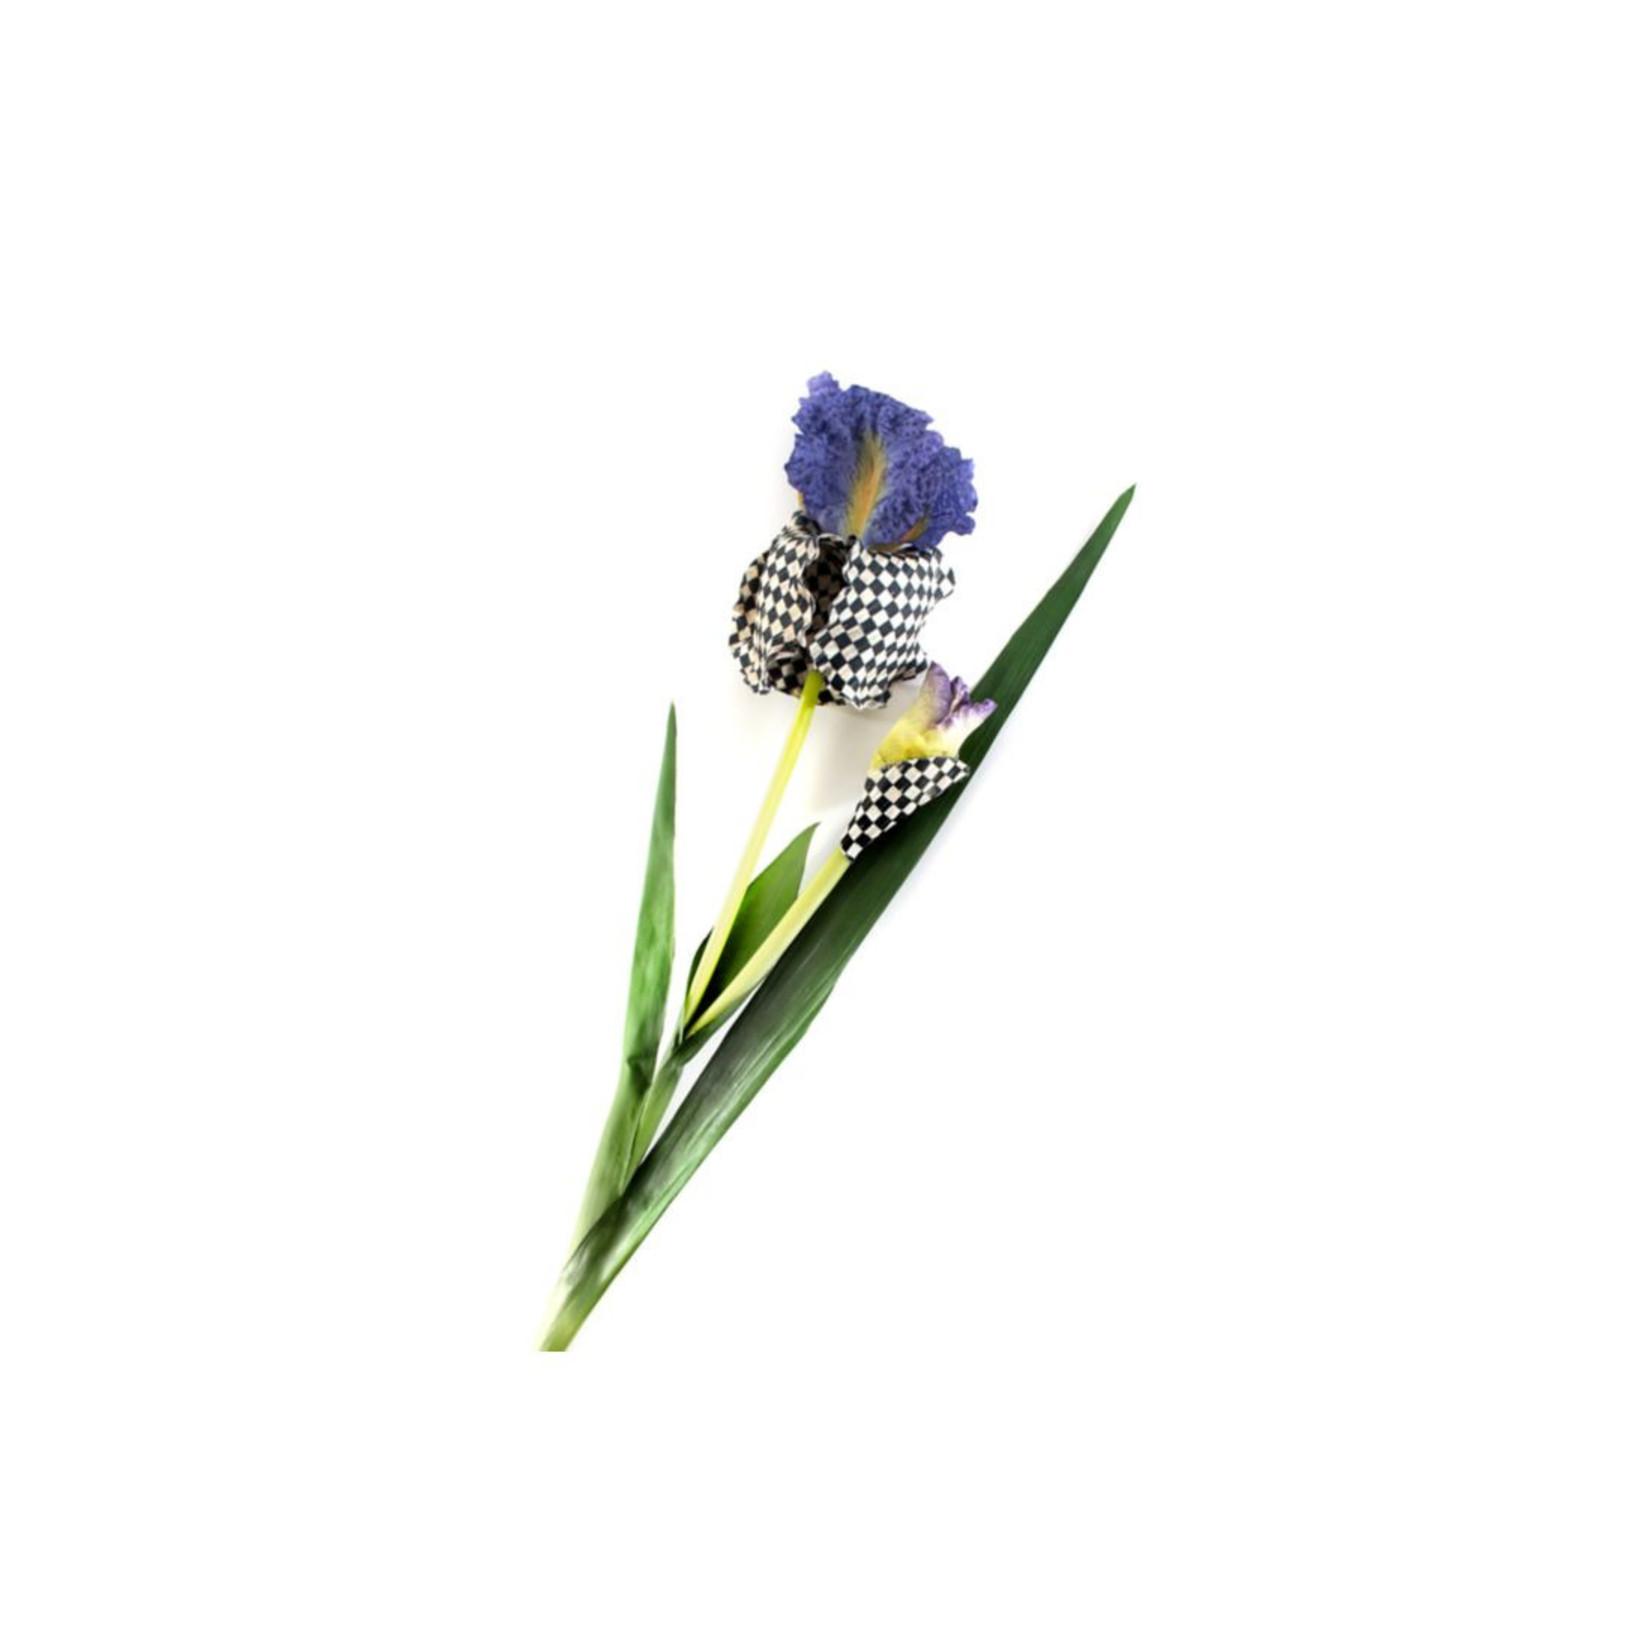 MacKenzie Childs Courtly Check Iris - Purple